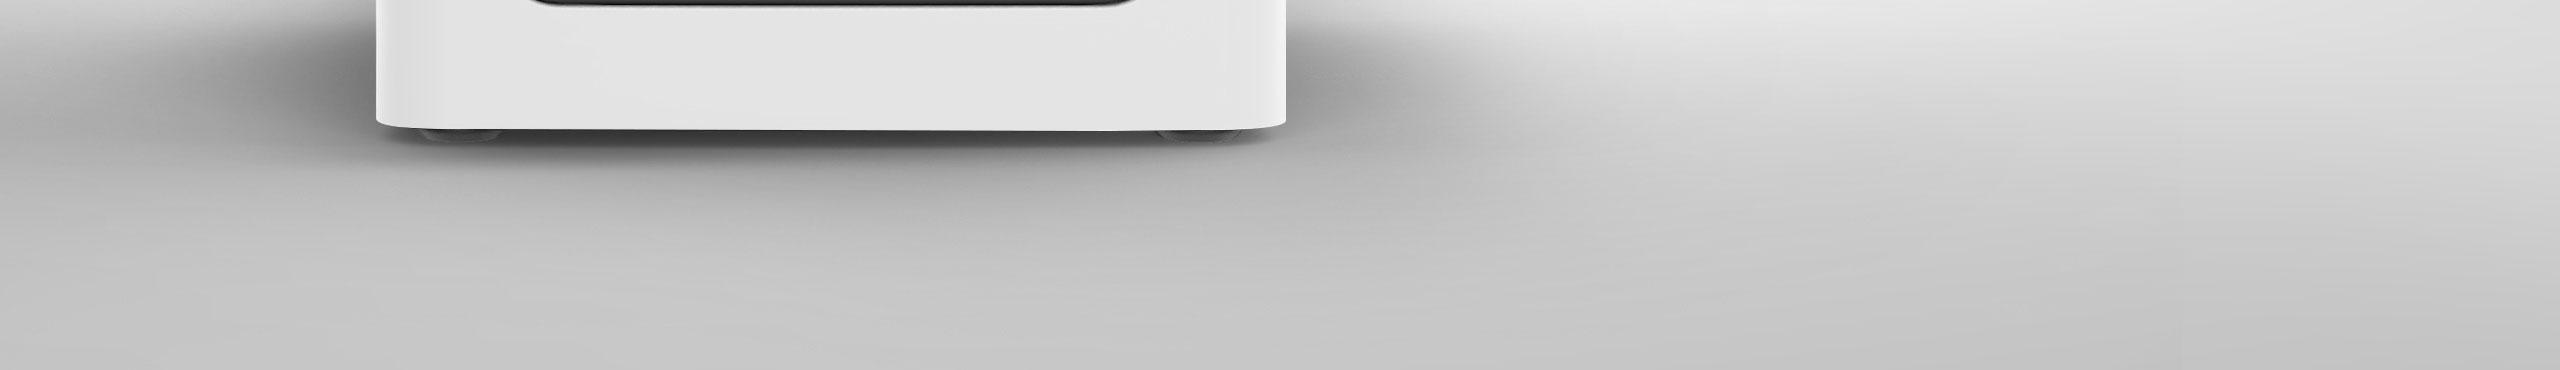 TP809热敏票据打印机,黑白两色可选  第16张